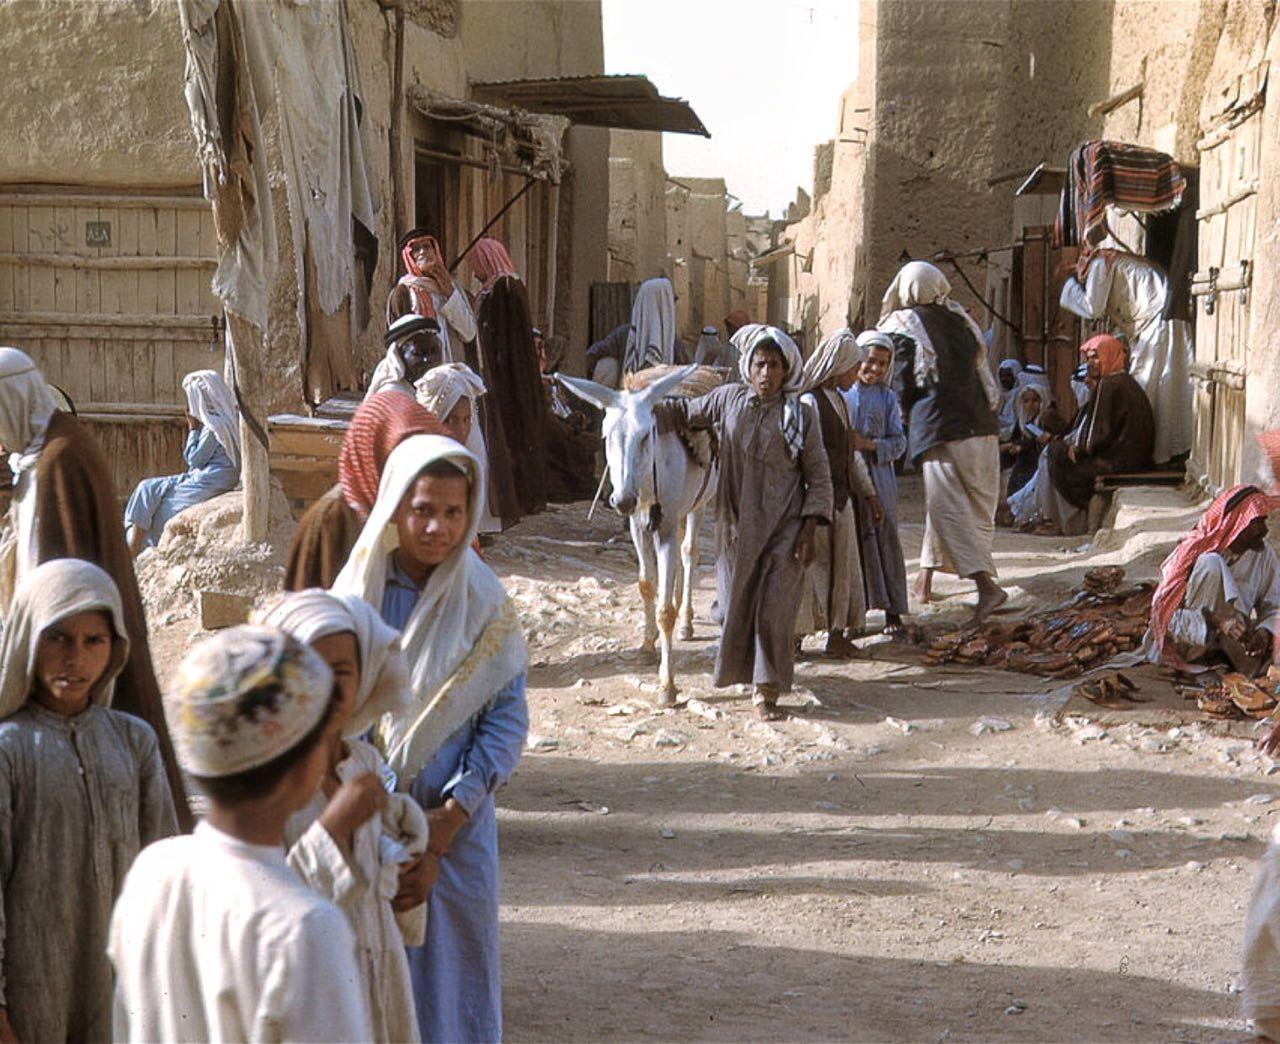 من تصوير طبيب الملك عبدالعزيز كراين للرياض عام 1950 والله الكاميرا بعد Photo Scenes Colorful Pictures